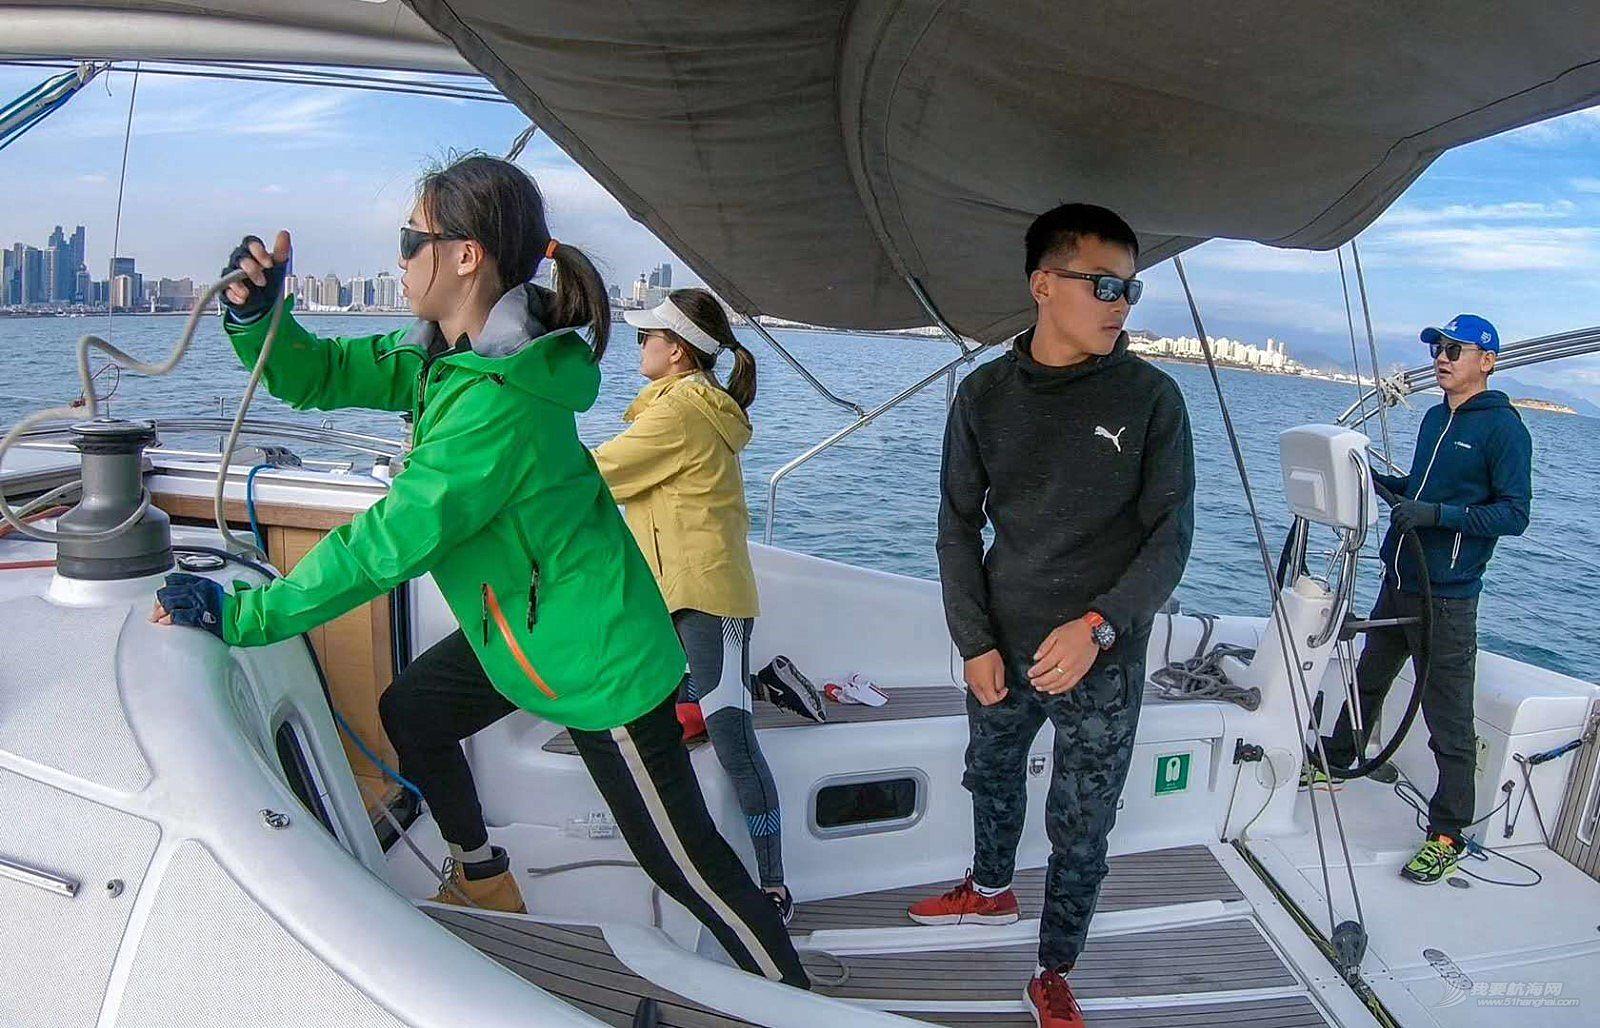 国际帆船驾照入门必修课ASA101开班在即!